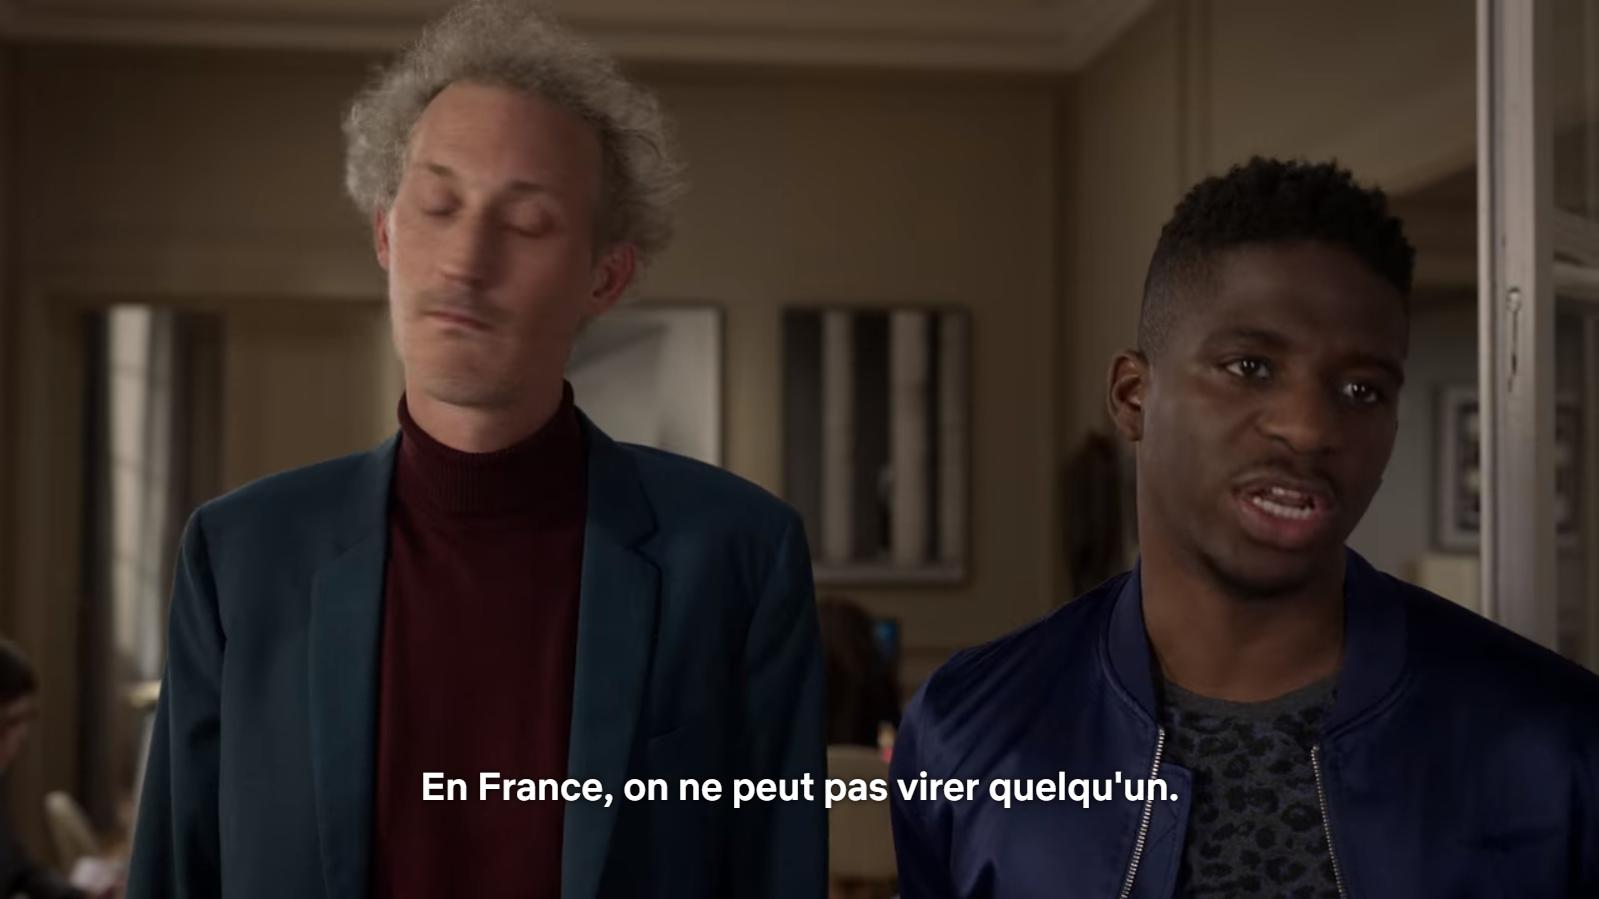 En France, il est impossible de licencier quelqu'un...